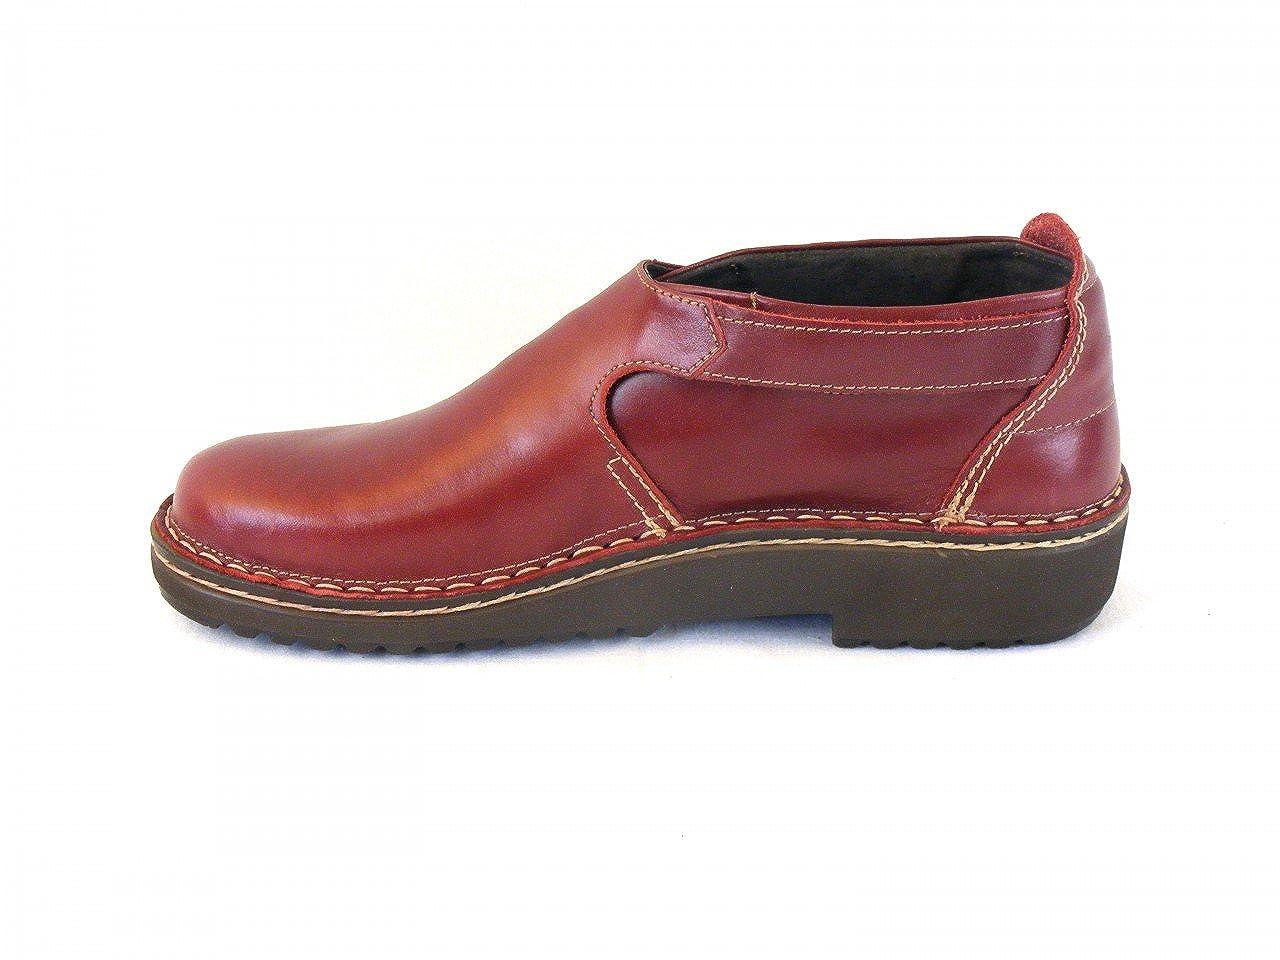 Naot - Mocasines de cuero para mujer rojo rojo: Amazon.es: Zapatos y complementos